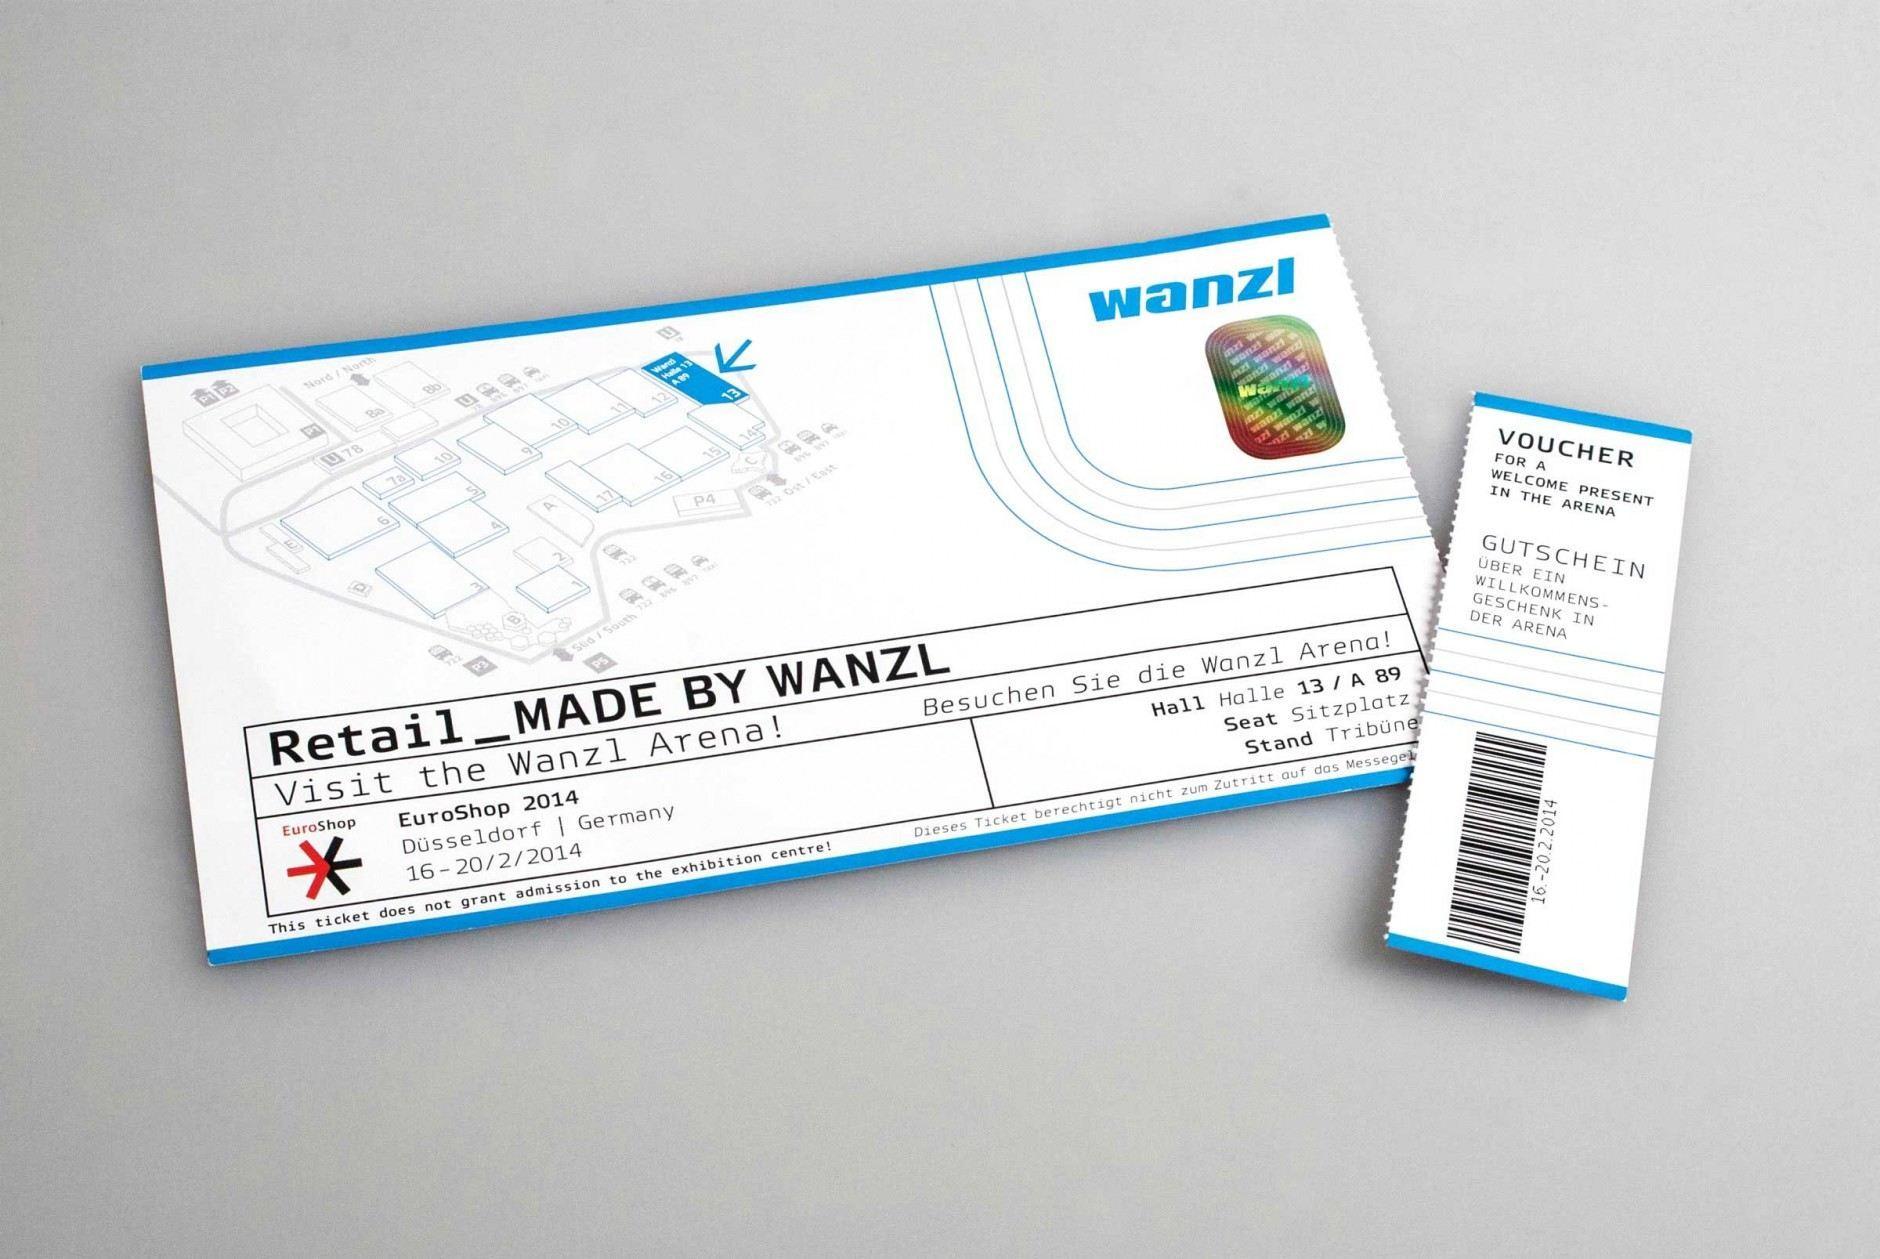 wanzl_euroshop_einladung_03